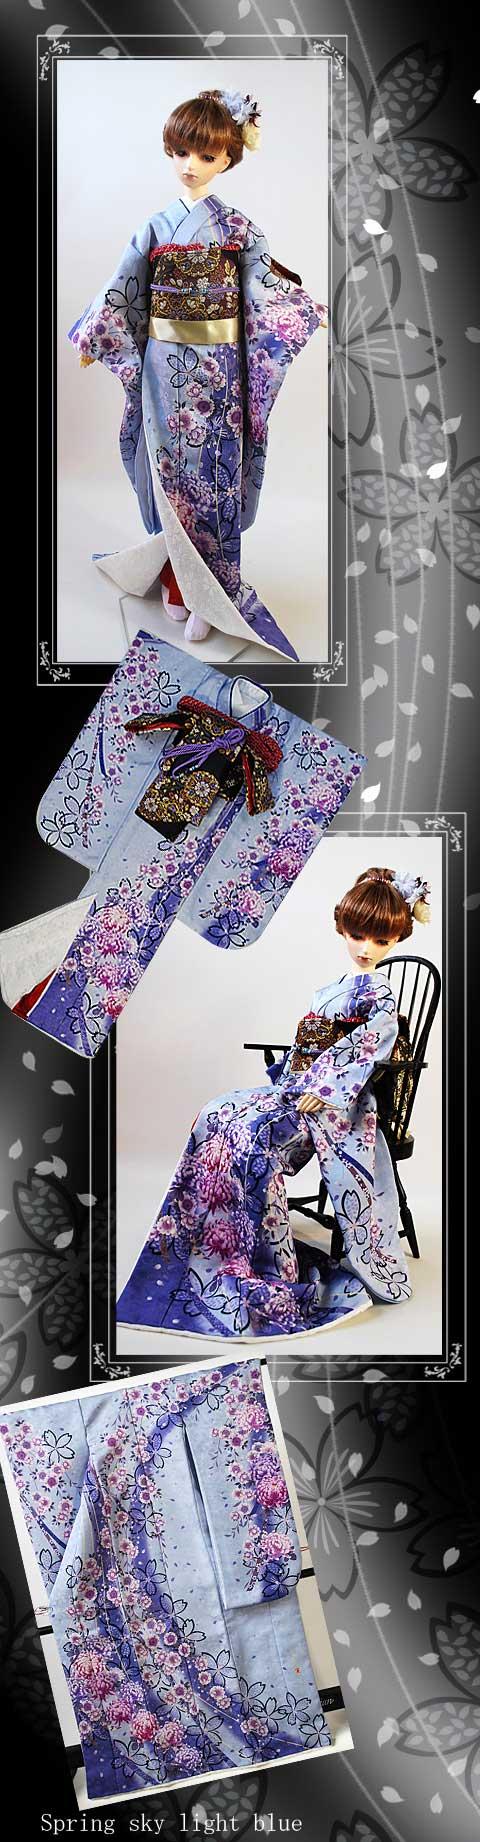 shop-ニコル菊ブルー